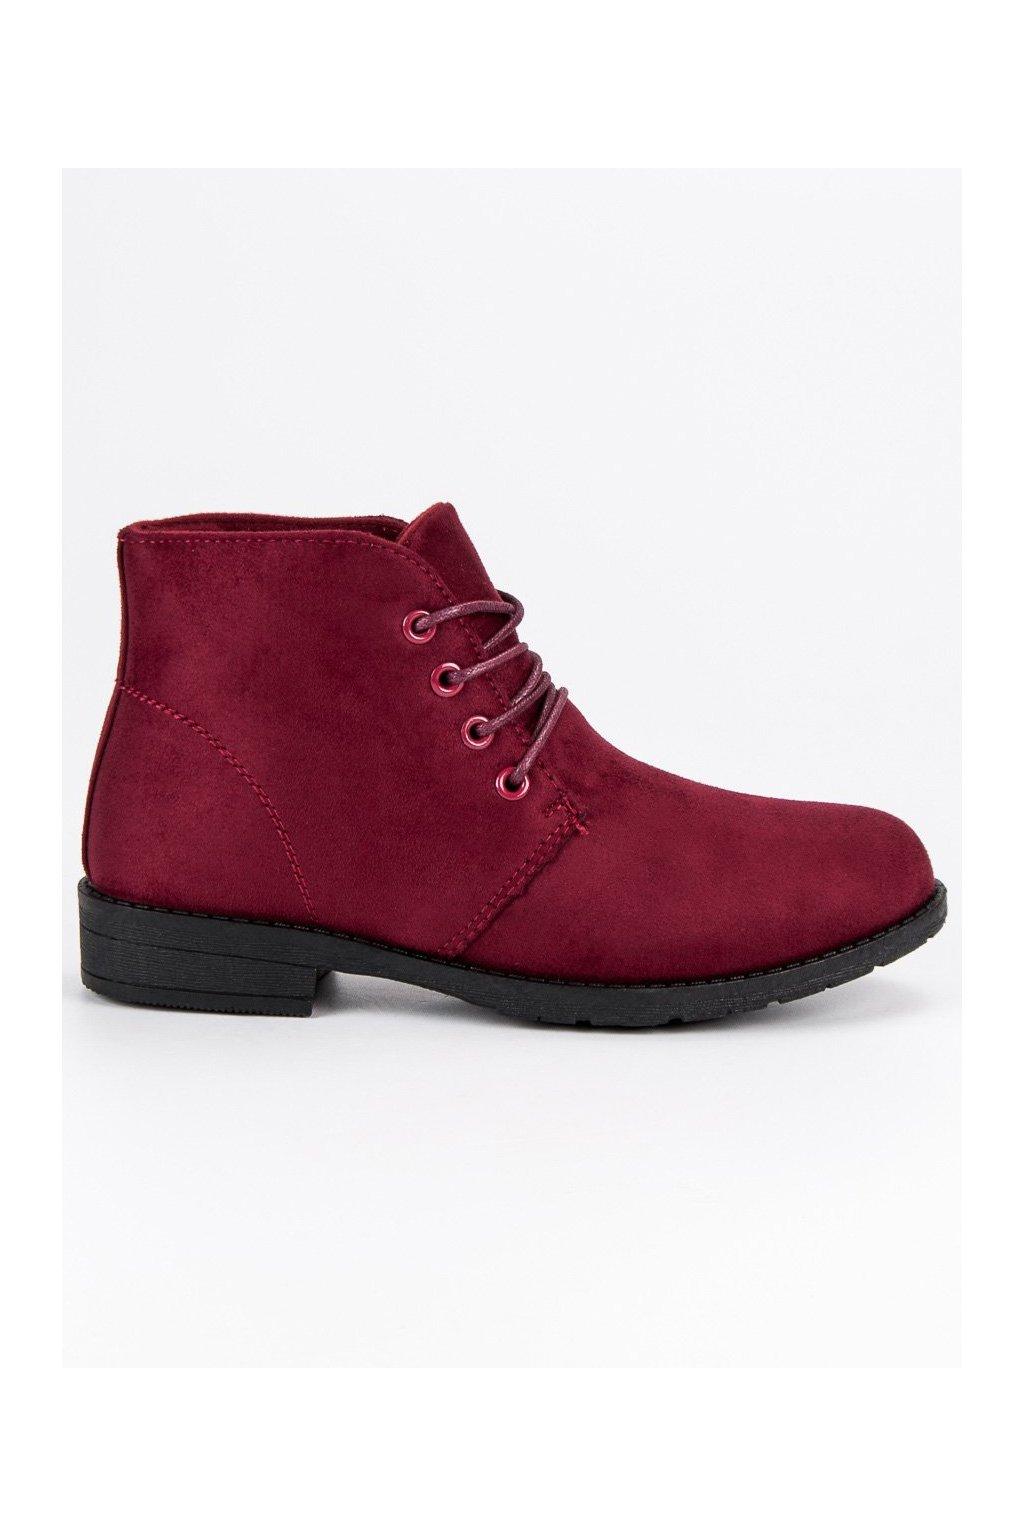 Dámske červené členkové topánky CnB 7675R 7220b3add39